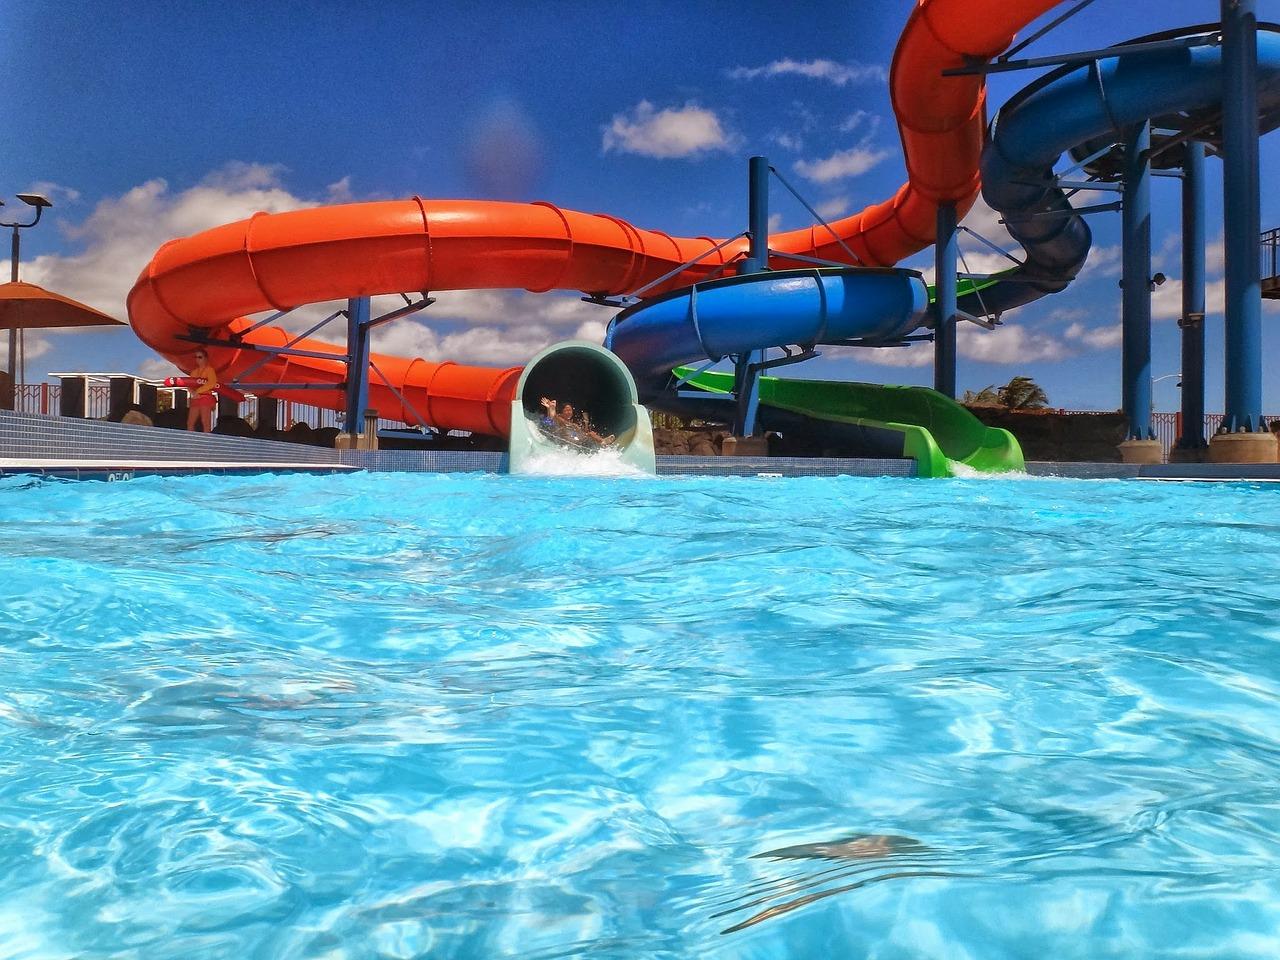 Bełchatów atrakcje dla dzieci – aquapark, atrakcje turystyczne i inne ciekawe miejsca